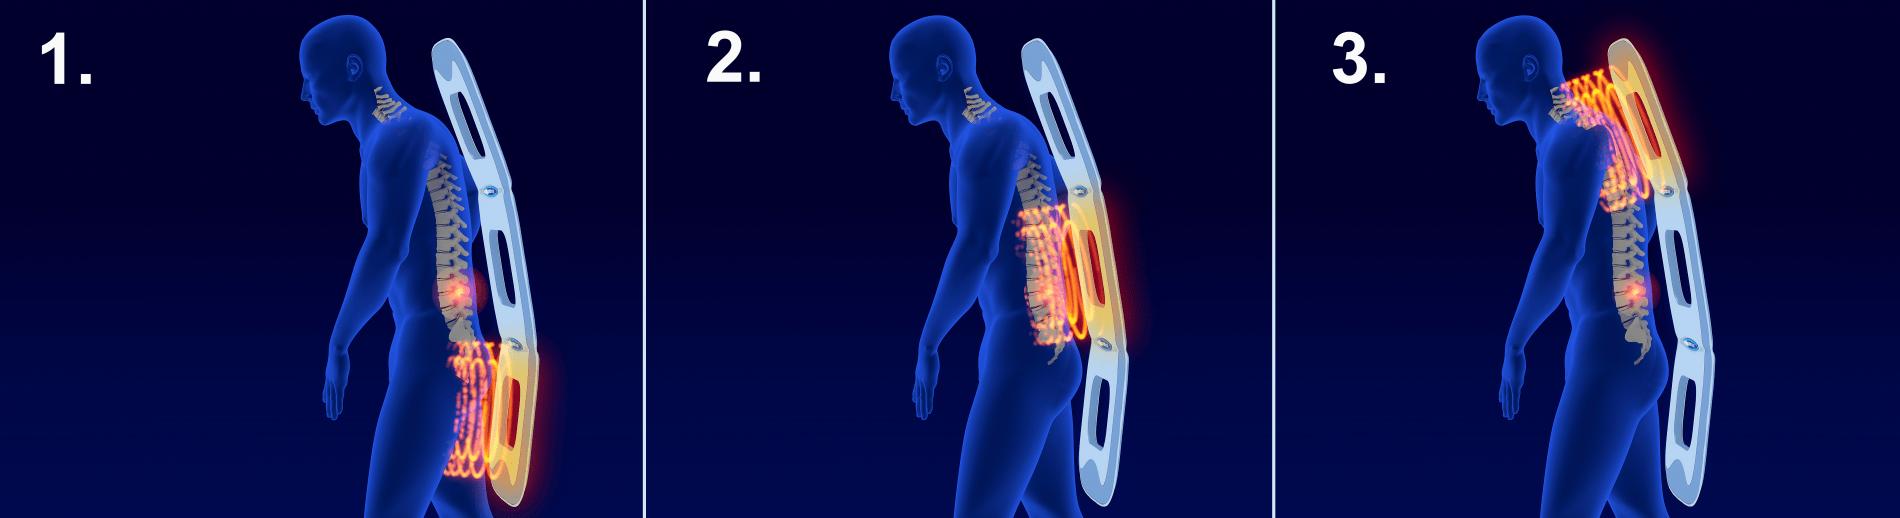 magnetoterapie aplikátor 3D ve stoje